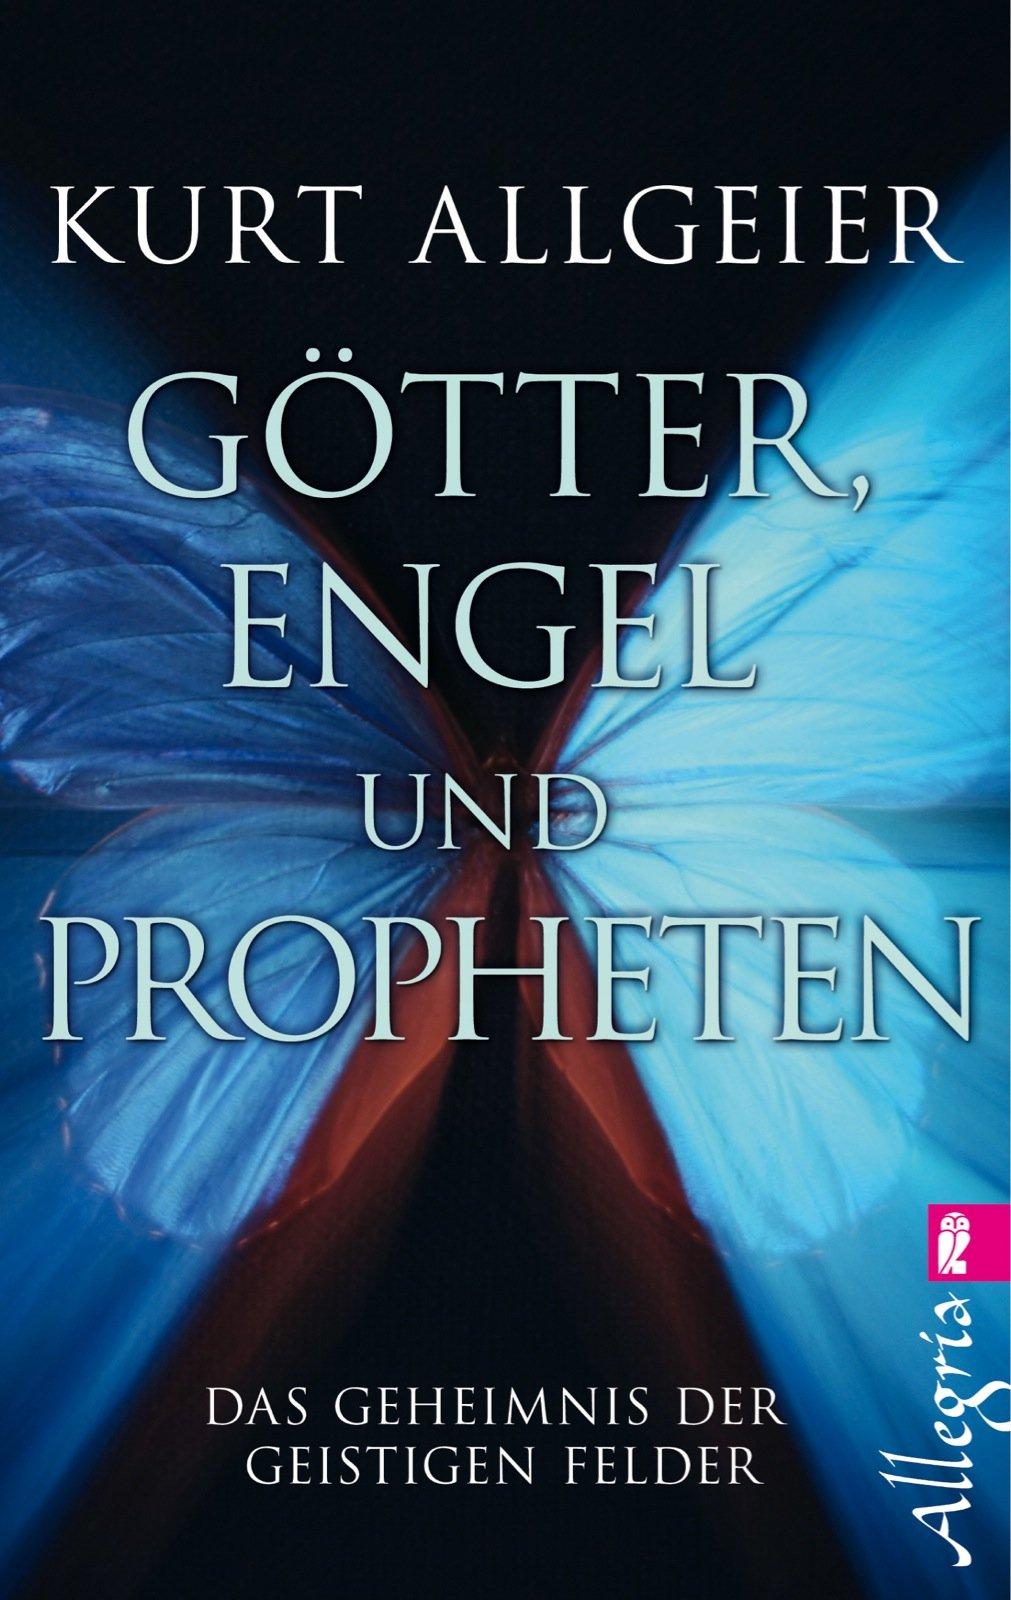 Götter, Engel und Propheten: Das Geheimnis der geistigen Felder